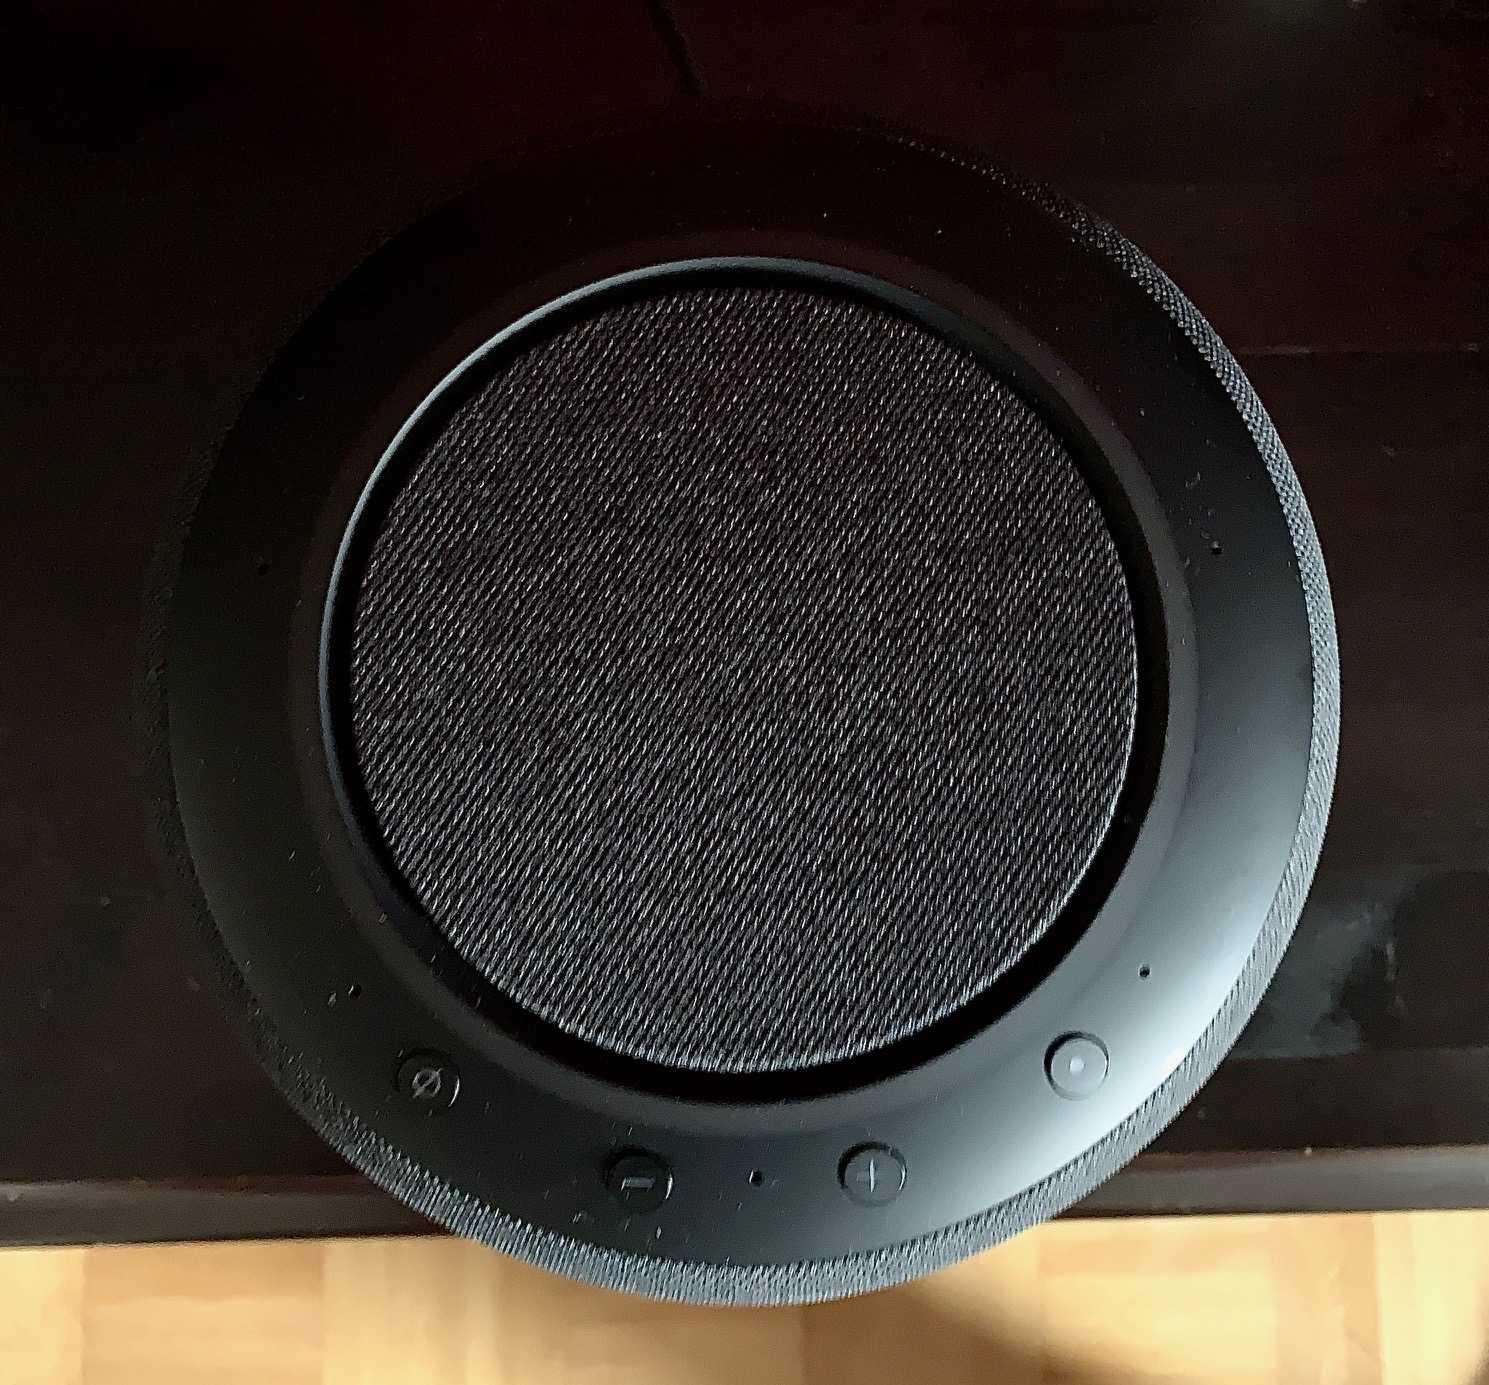 Der Echo Studio strahlt auch in Richtung Decke ab, um bei passendem Quellmaterial einen dreidimensionalen Klang zu erzeugen.